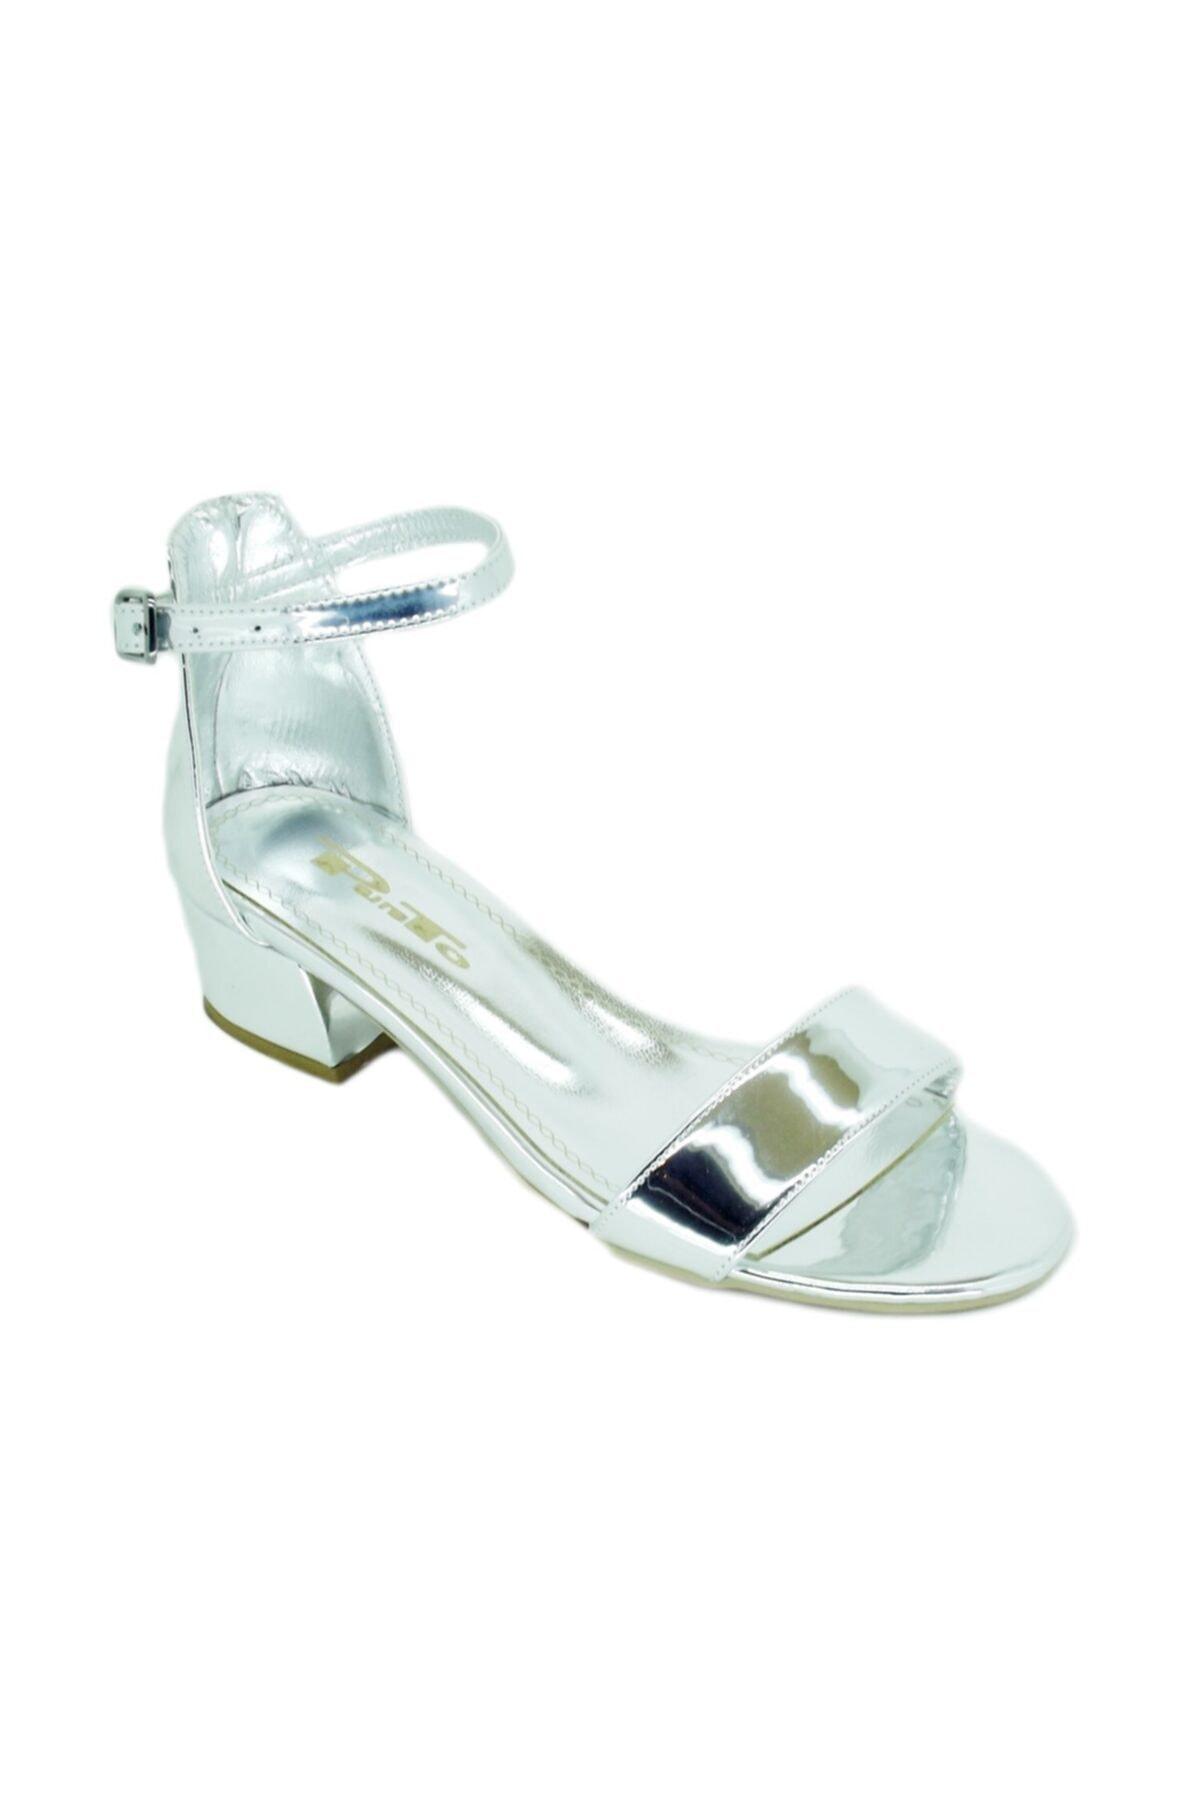 PUNTO Kadın Gümüş Kalın Topuk Tek Bantlı Ayakkabı 456038 1